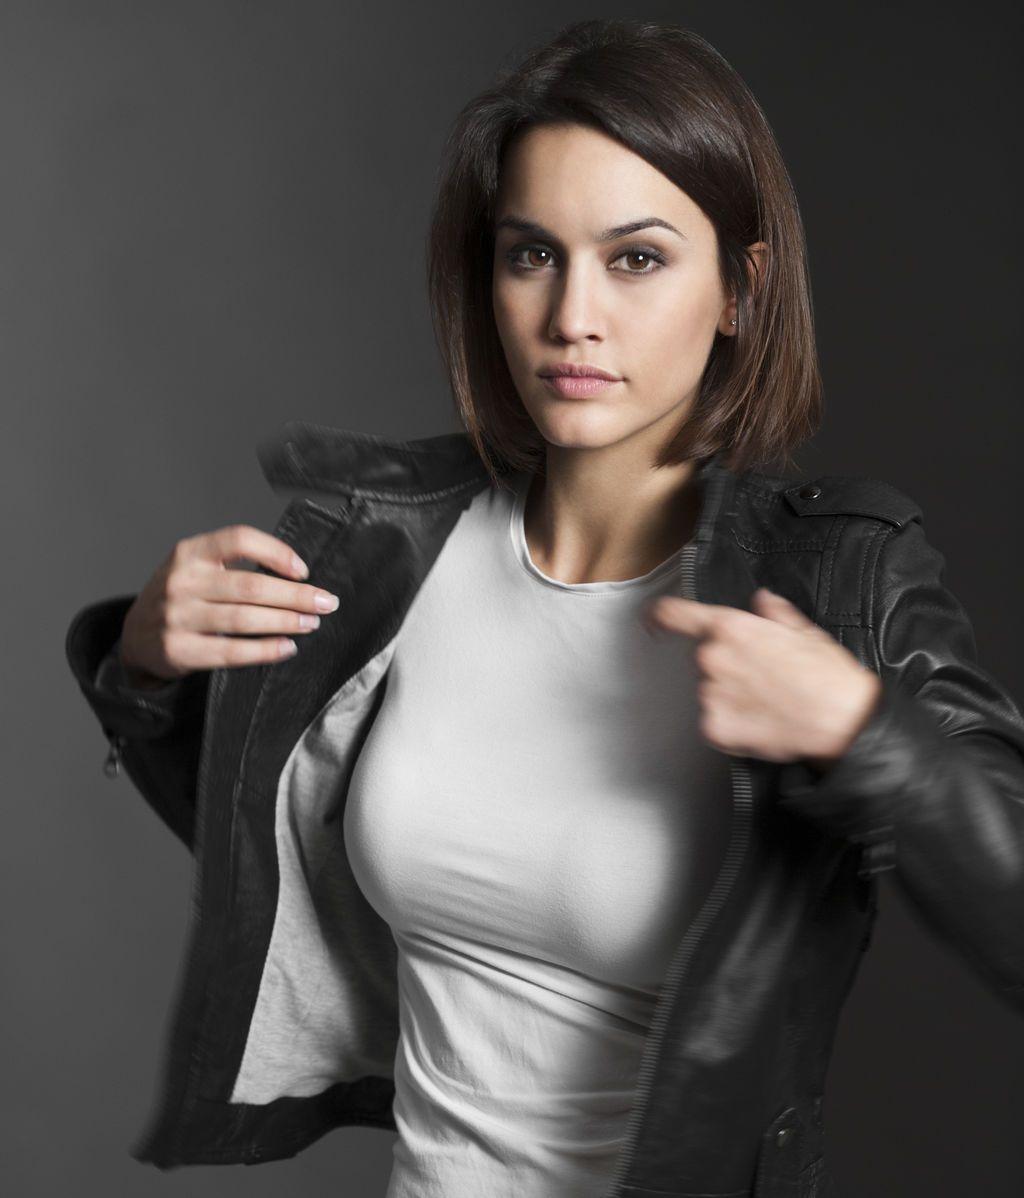 Telecinco prepara 'Lontano da te', nueva comedia romántica protagonizada por Megan Montaner y Alessandro Tiberi